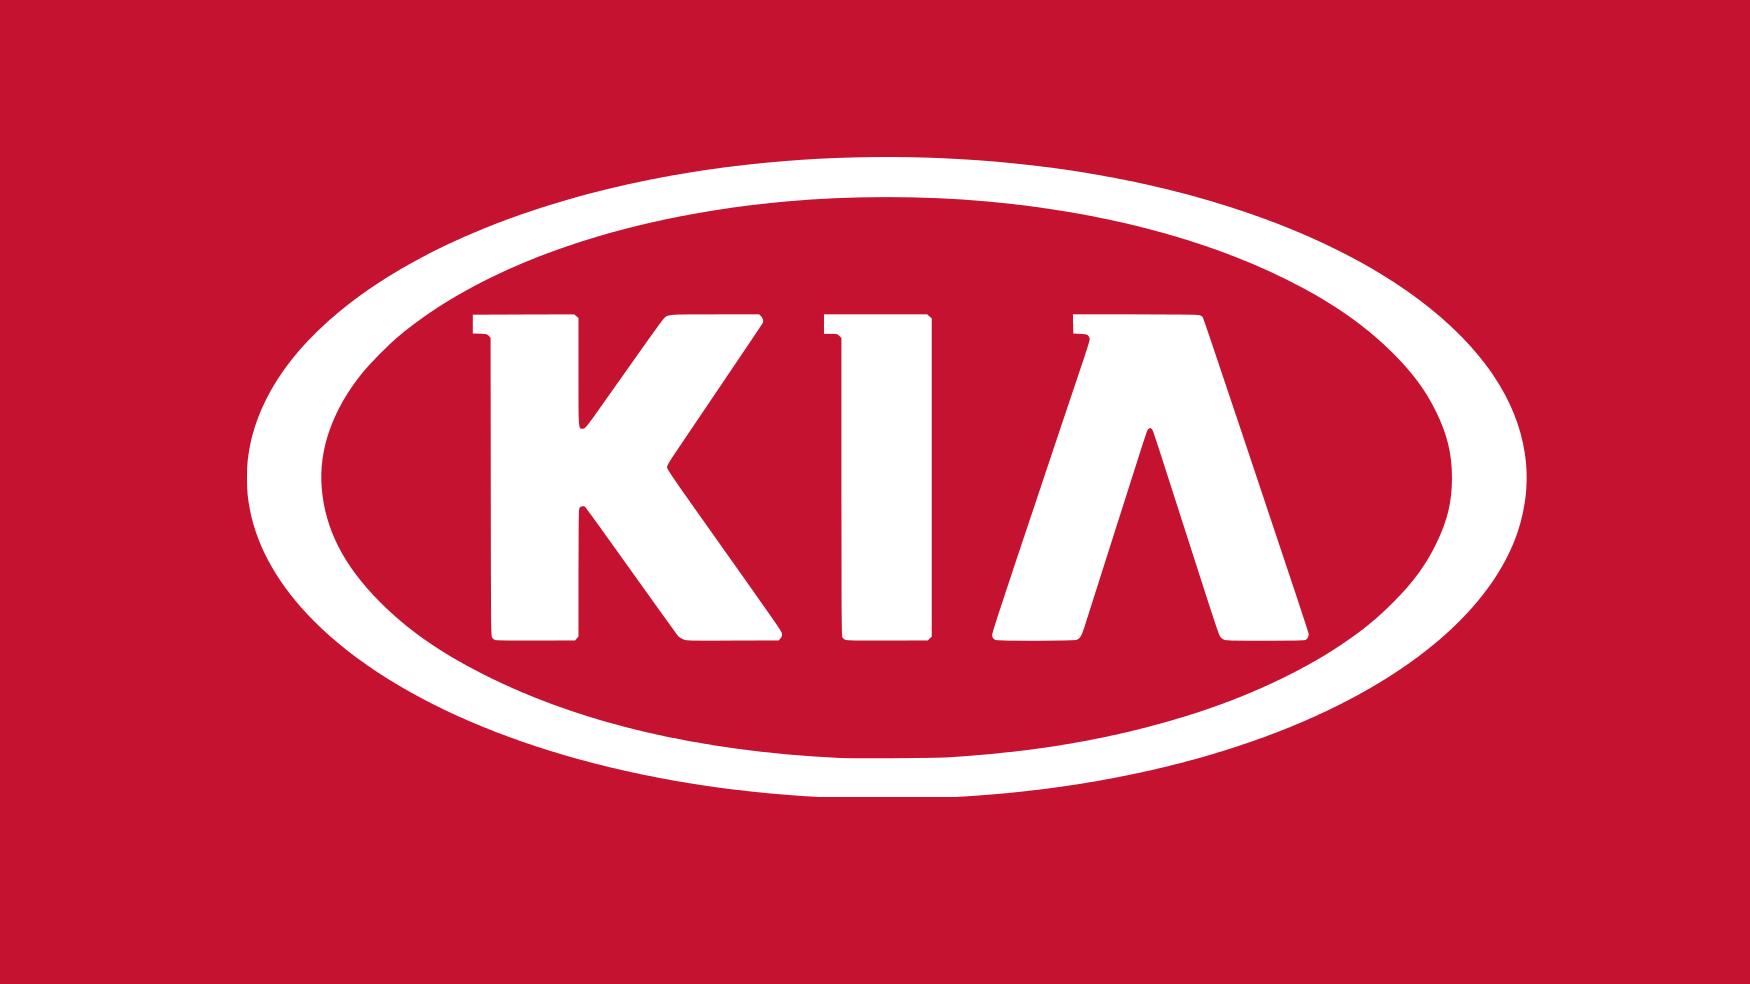 kia vector logo png transparent kia vector logo png images pluspng rh pluspng com kia motors logo vector free kia picanto logo vector